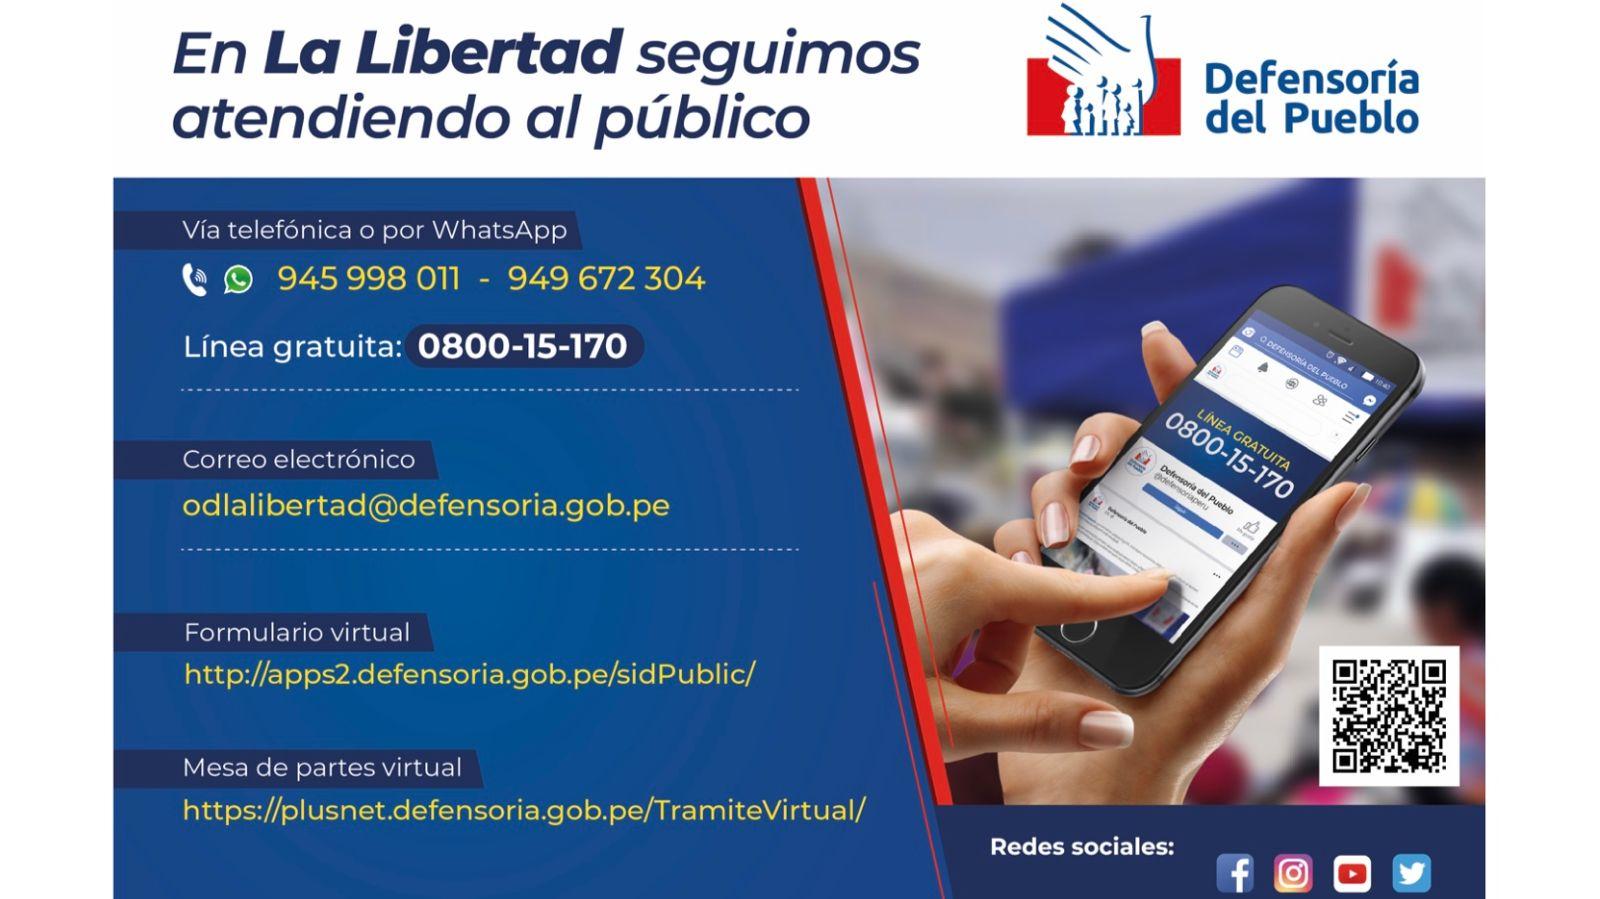 Defensoría del Pueblo: Hidrandina debe atender variaciones de tensión eléctrica que vienen afectando a Trujillo